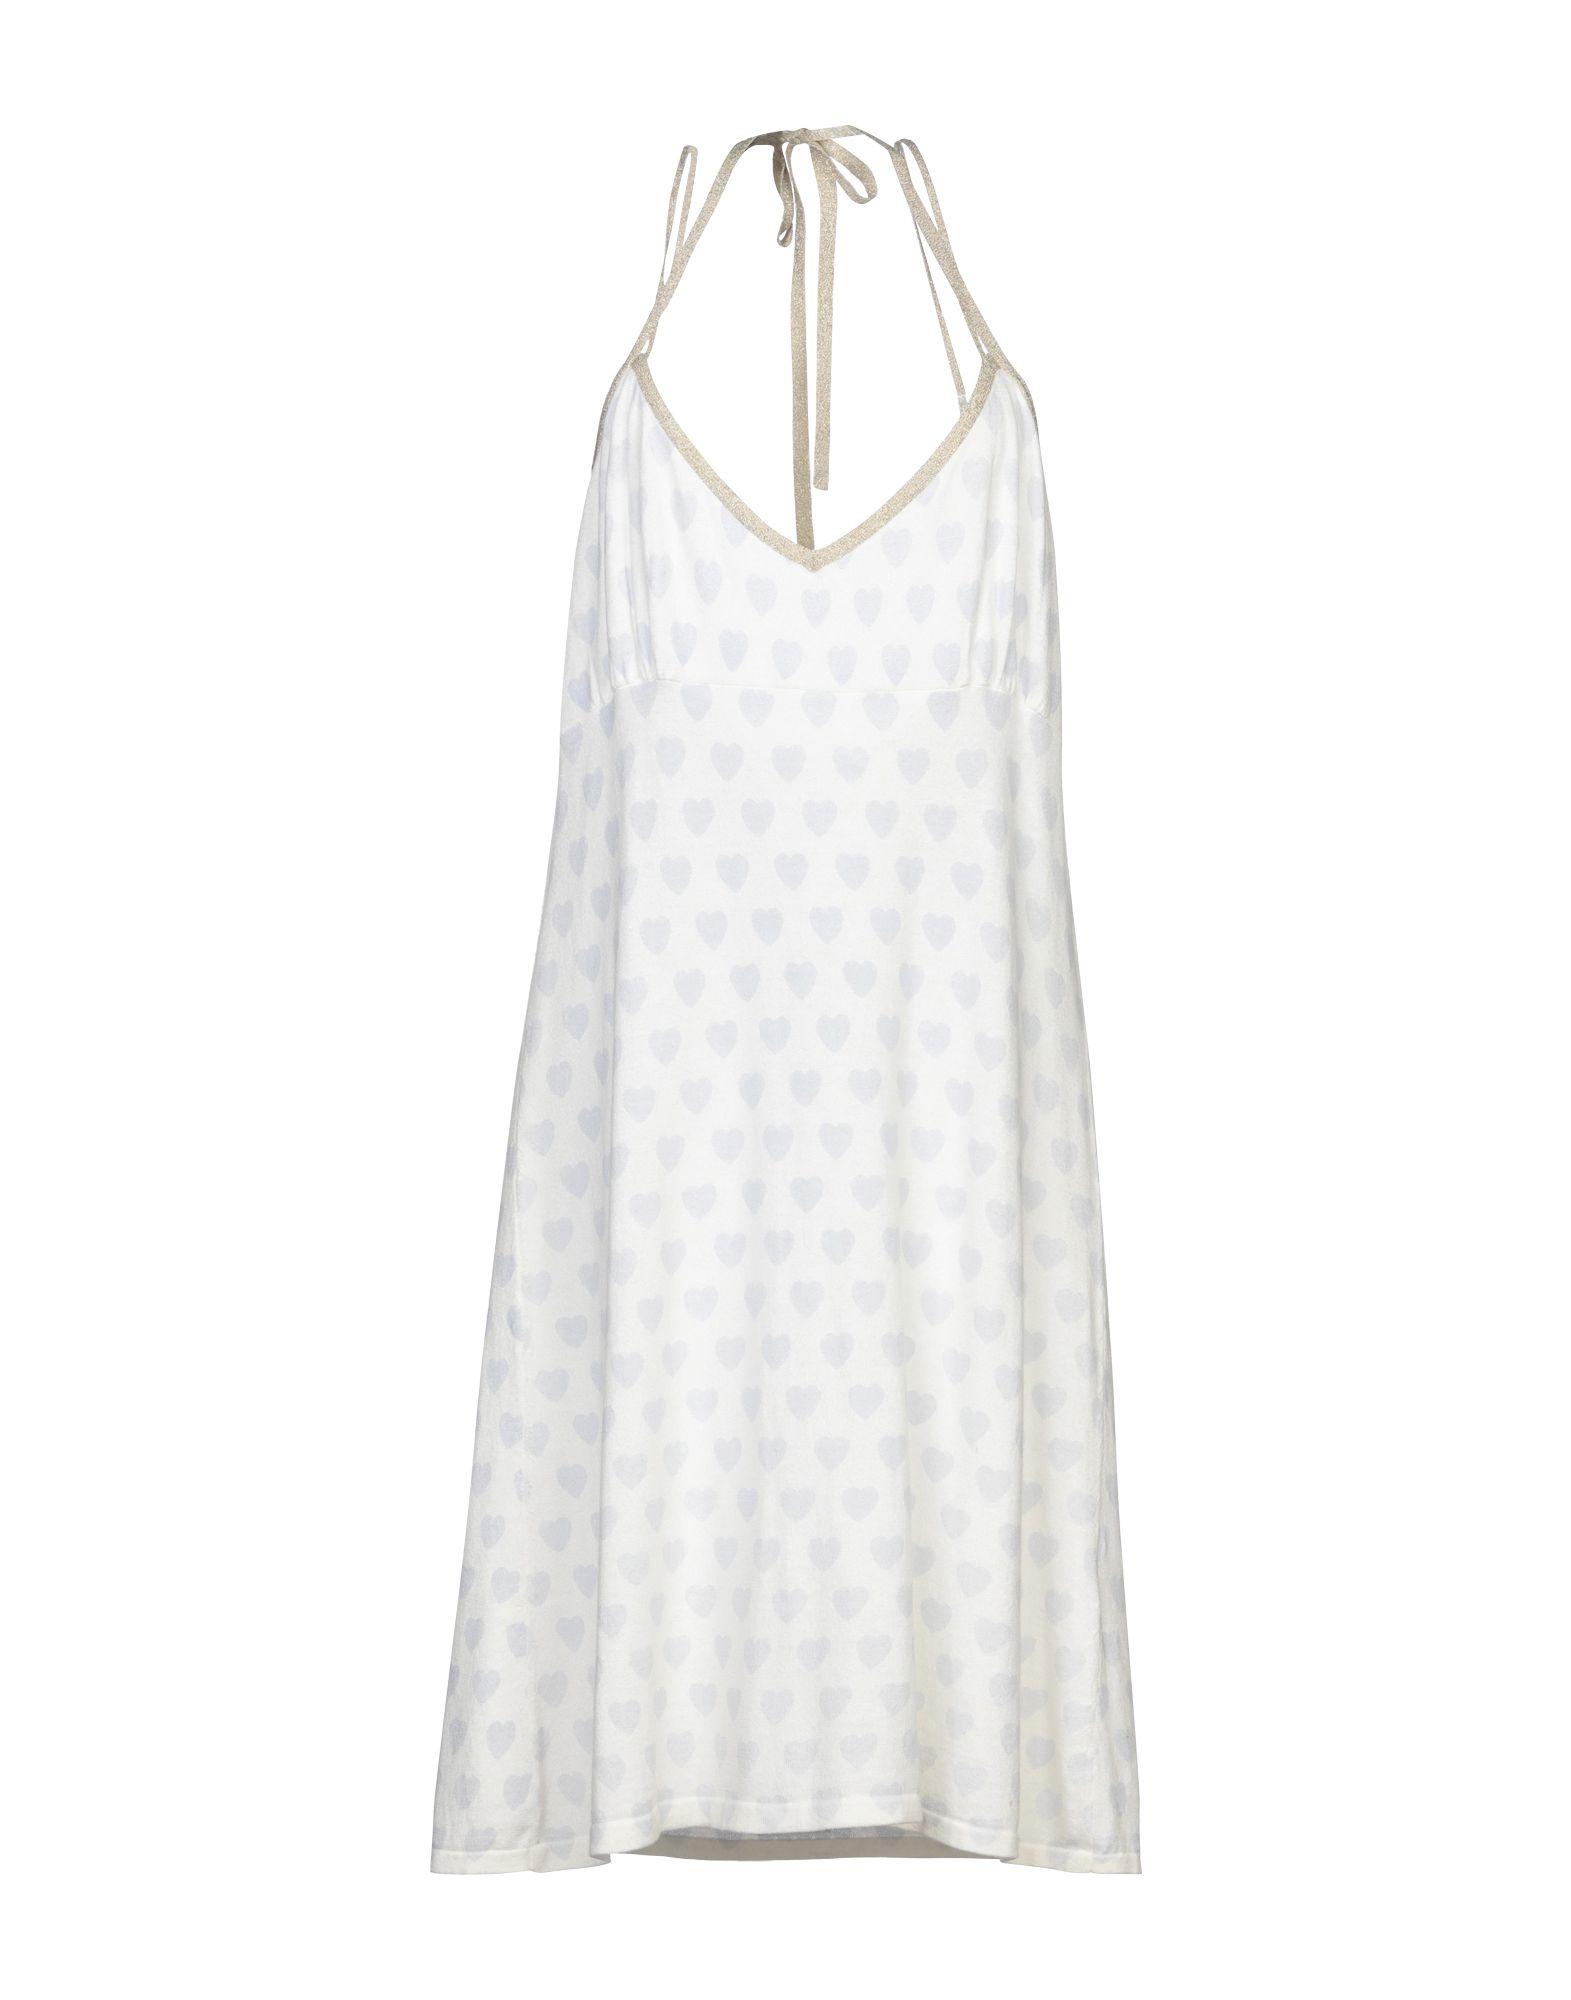 BEAYUKMUI Короткое платье футболка beayukmui